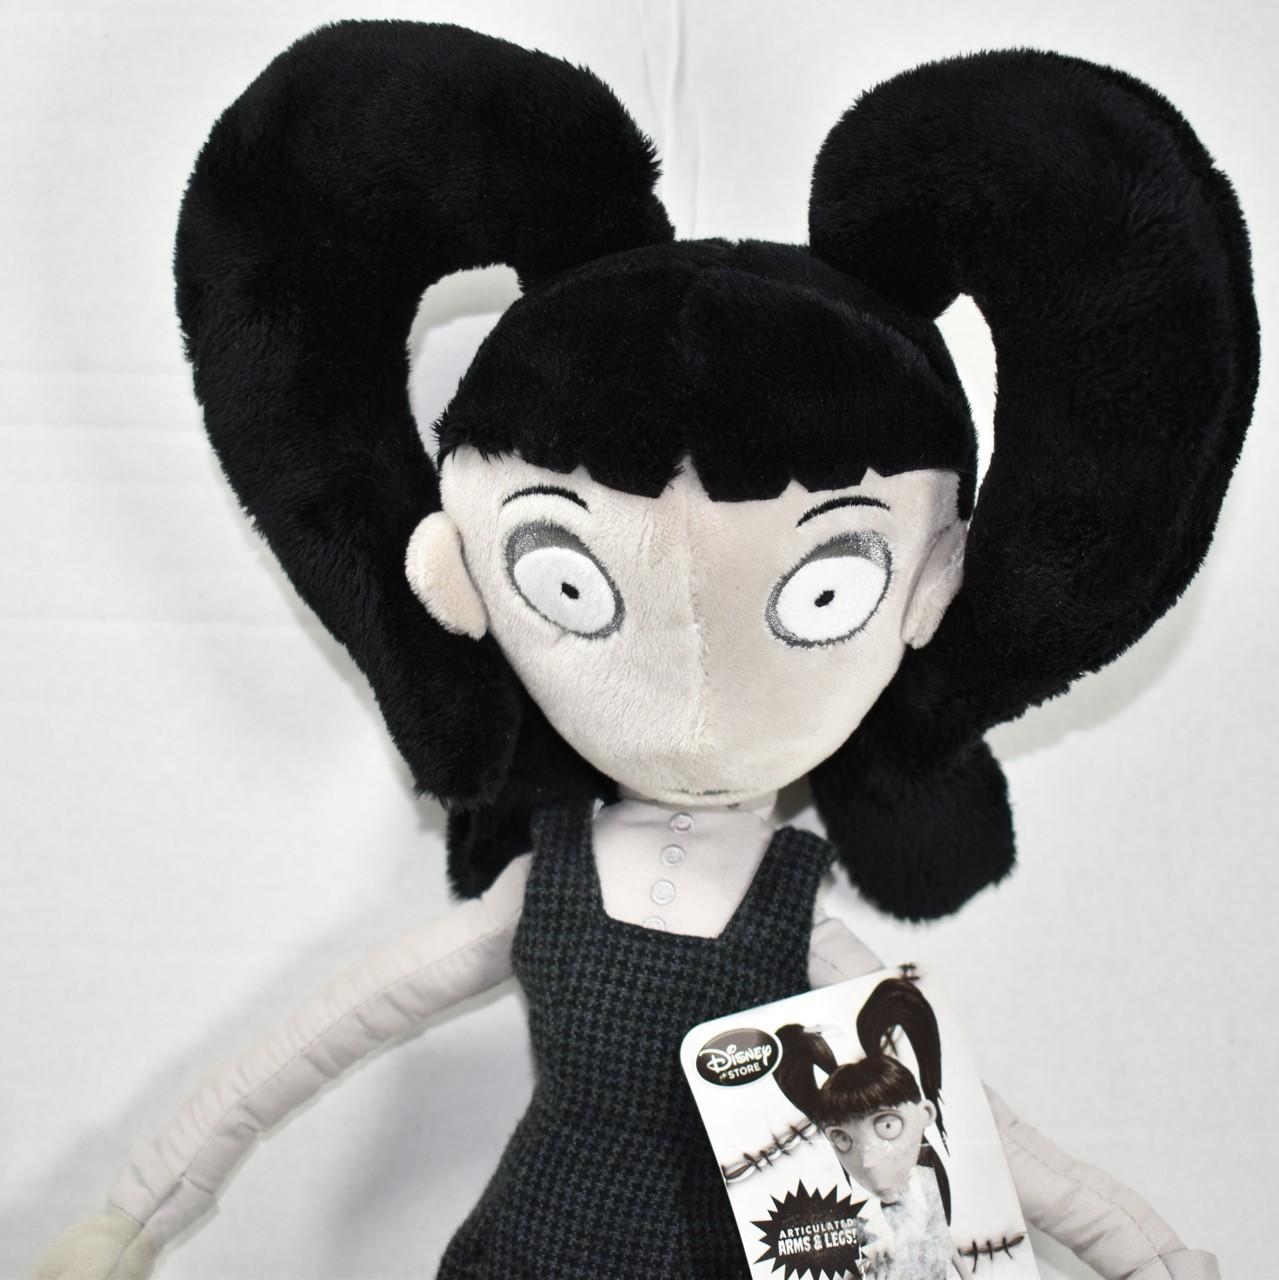 Disney Store Tim Burton S Frankenweenie Elsa Van Helsing Plush Toy New Nwt Ebay